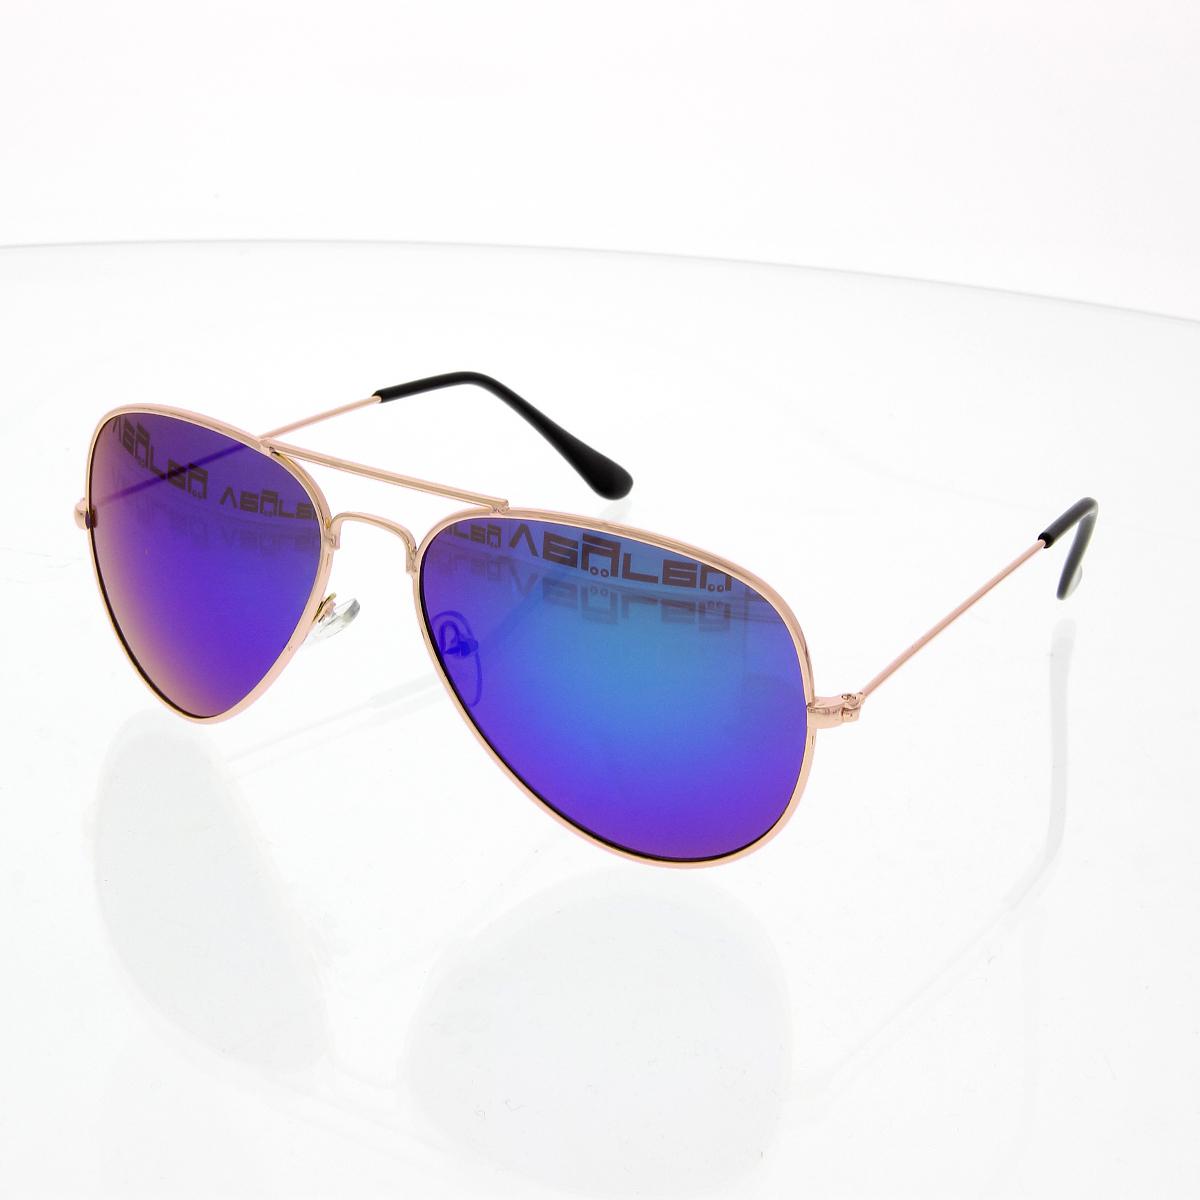 Sluneční brýle Pilotky zrcadlovky zlaté obroučky modré